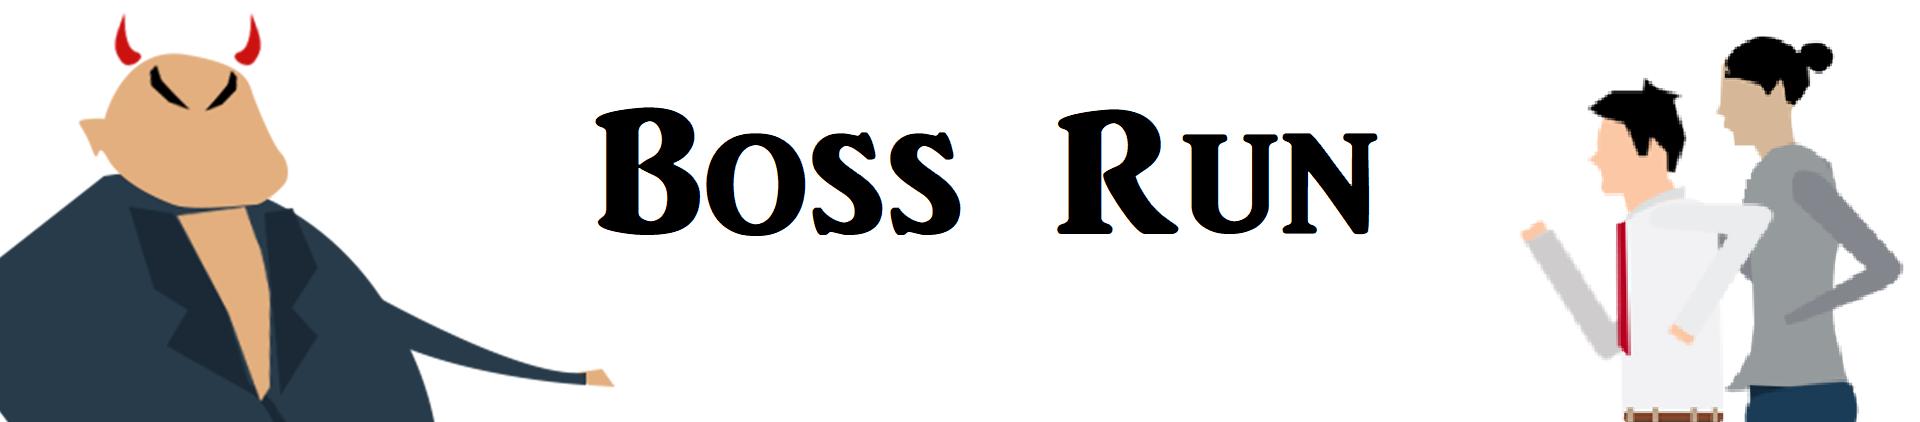 Boss Run